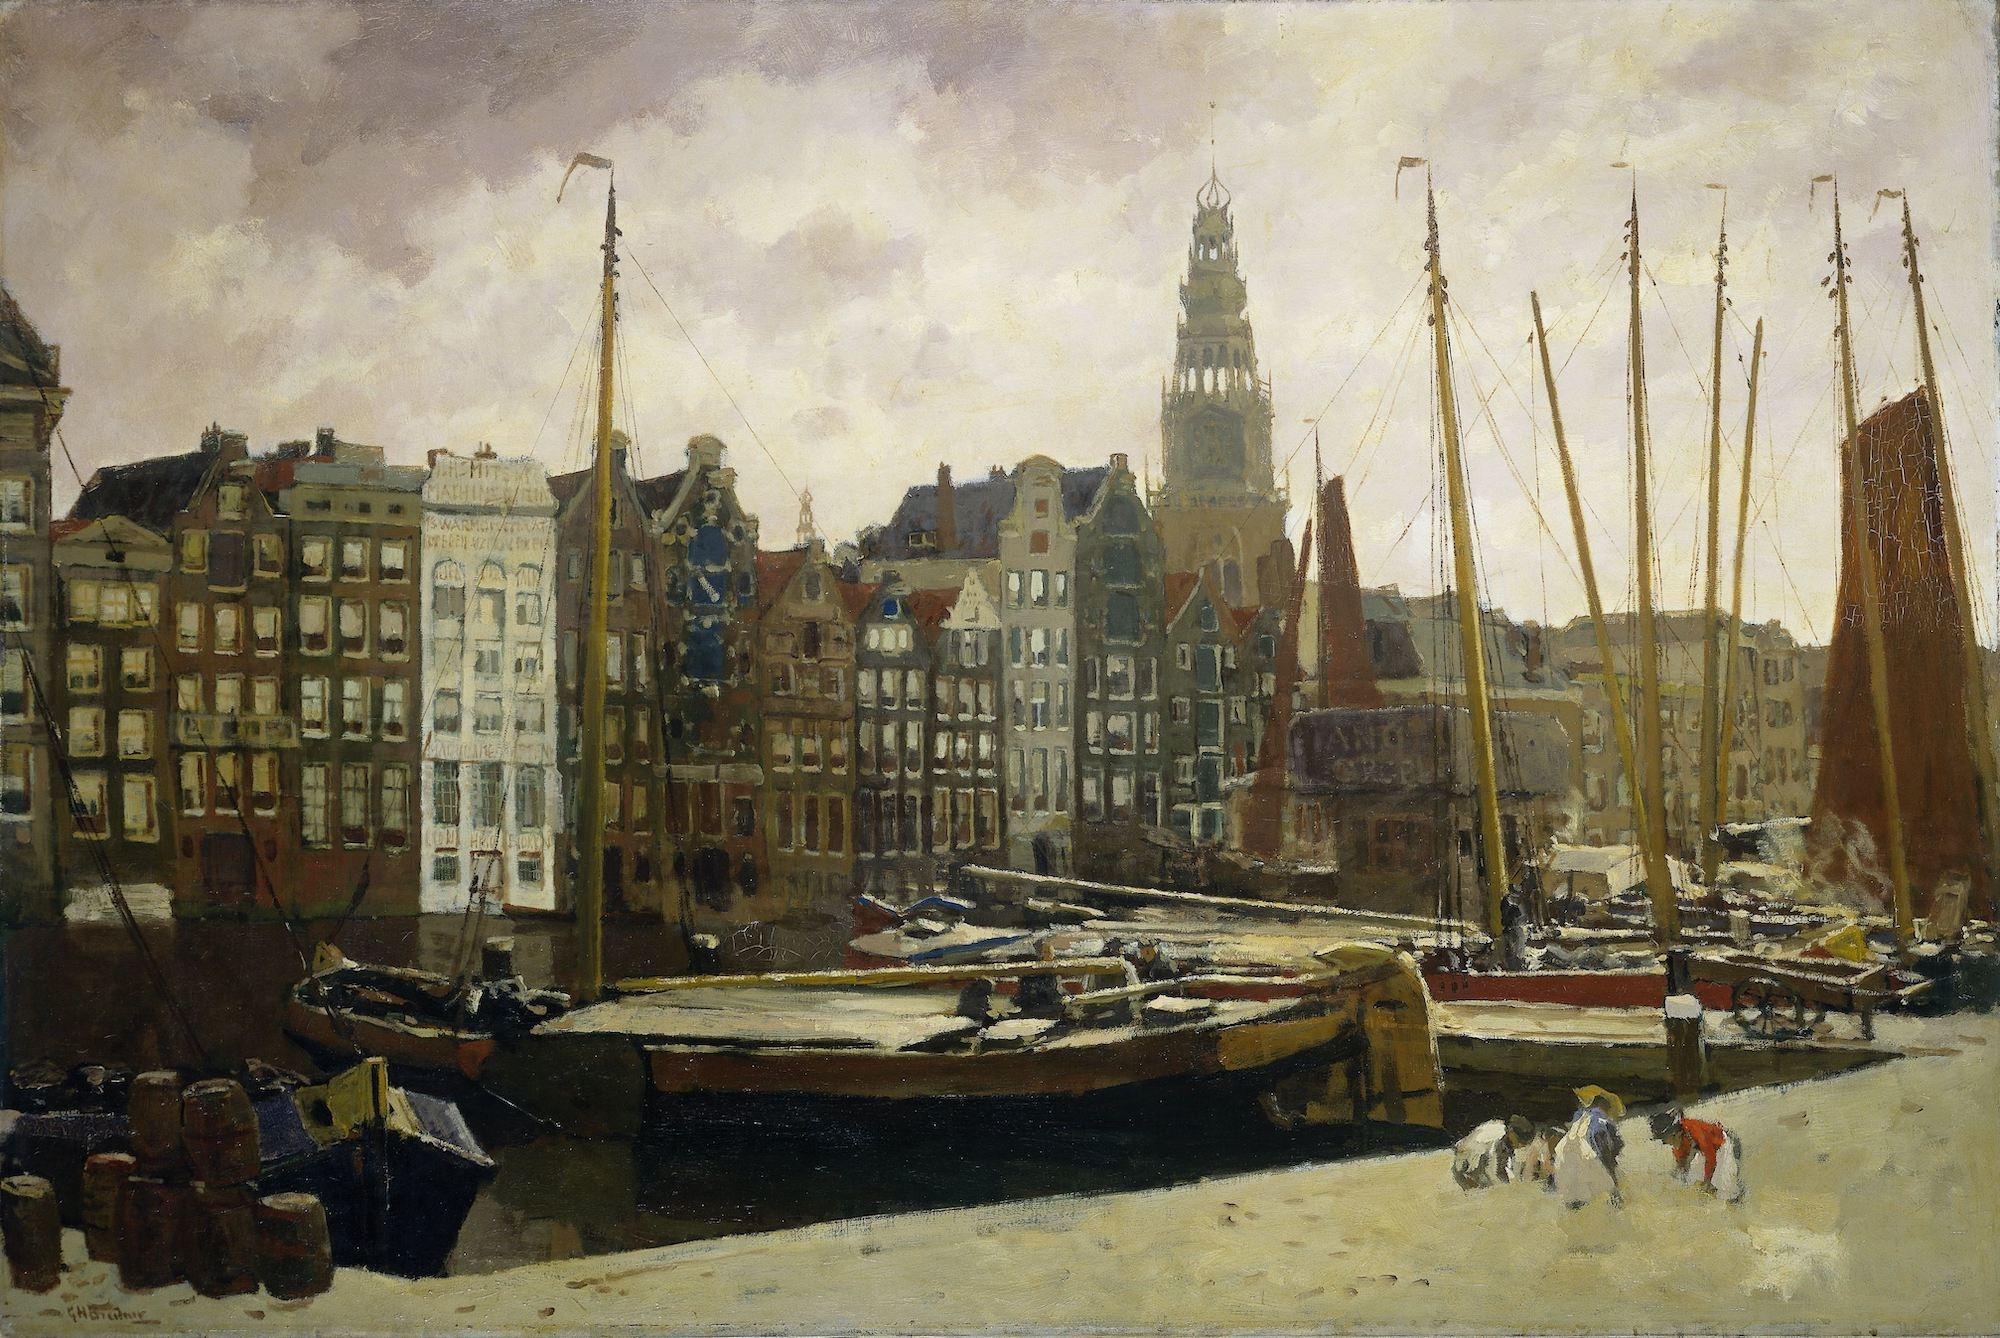 Schilderij - Het Damrak in Amsterdam, George Hendrik Breitner, 1903